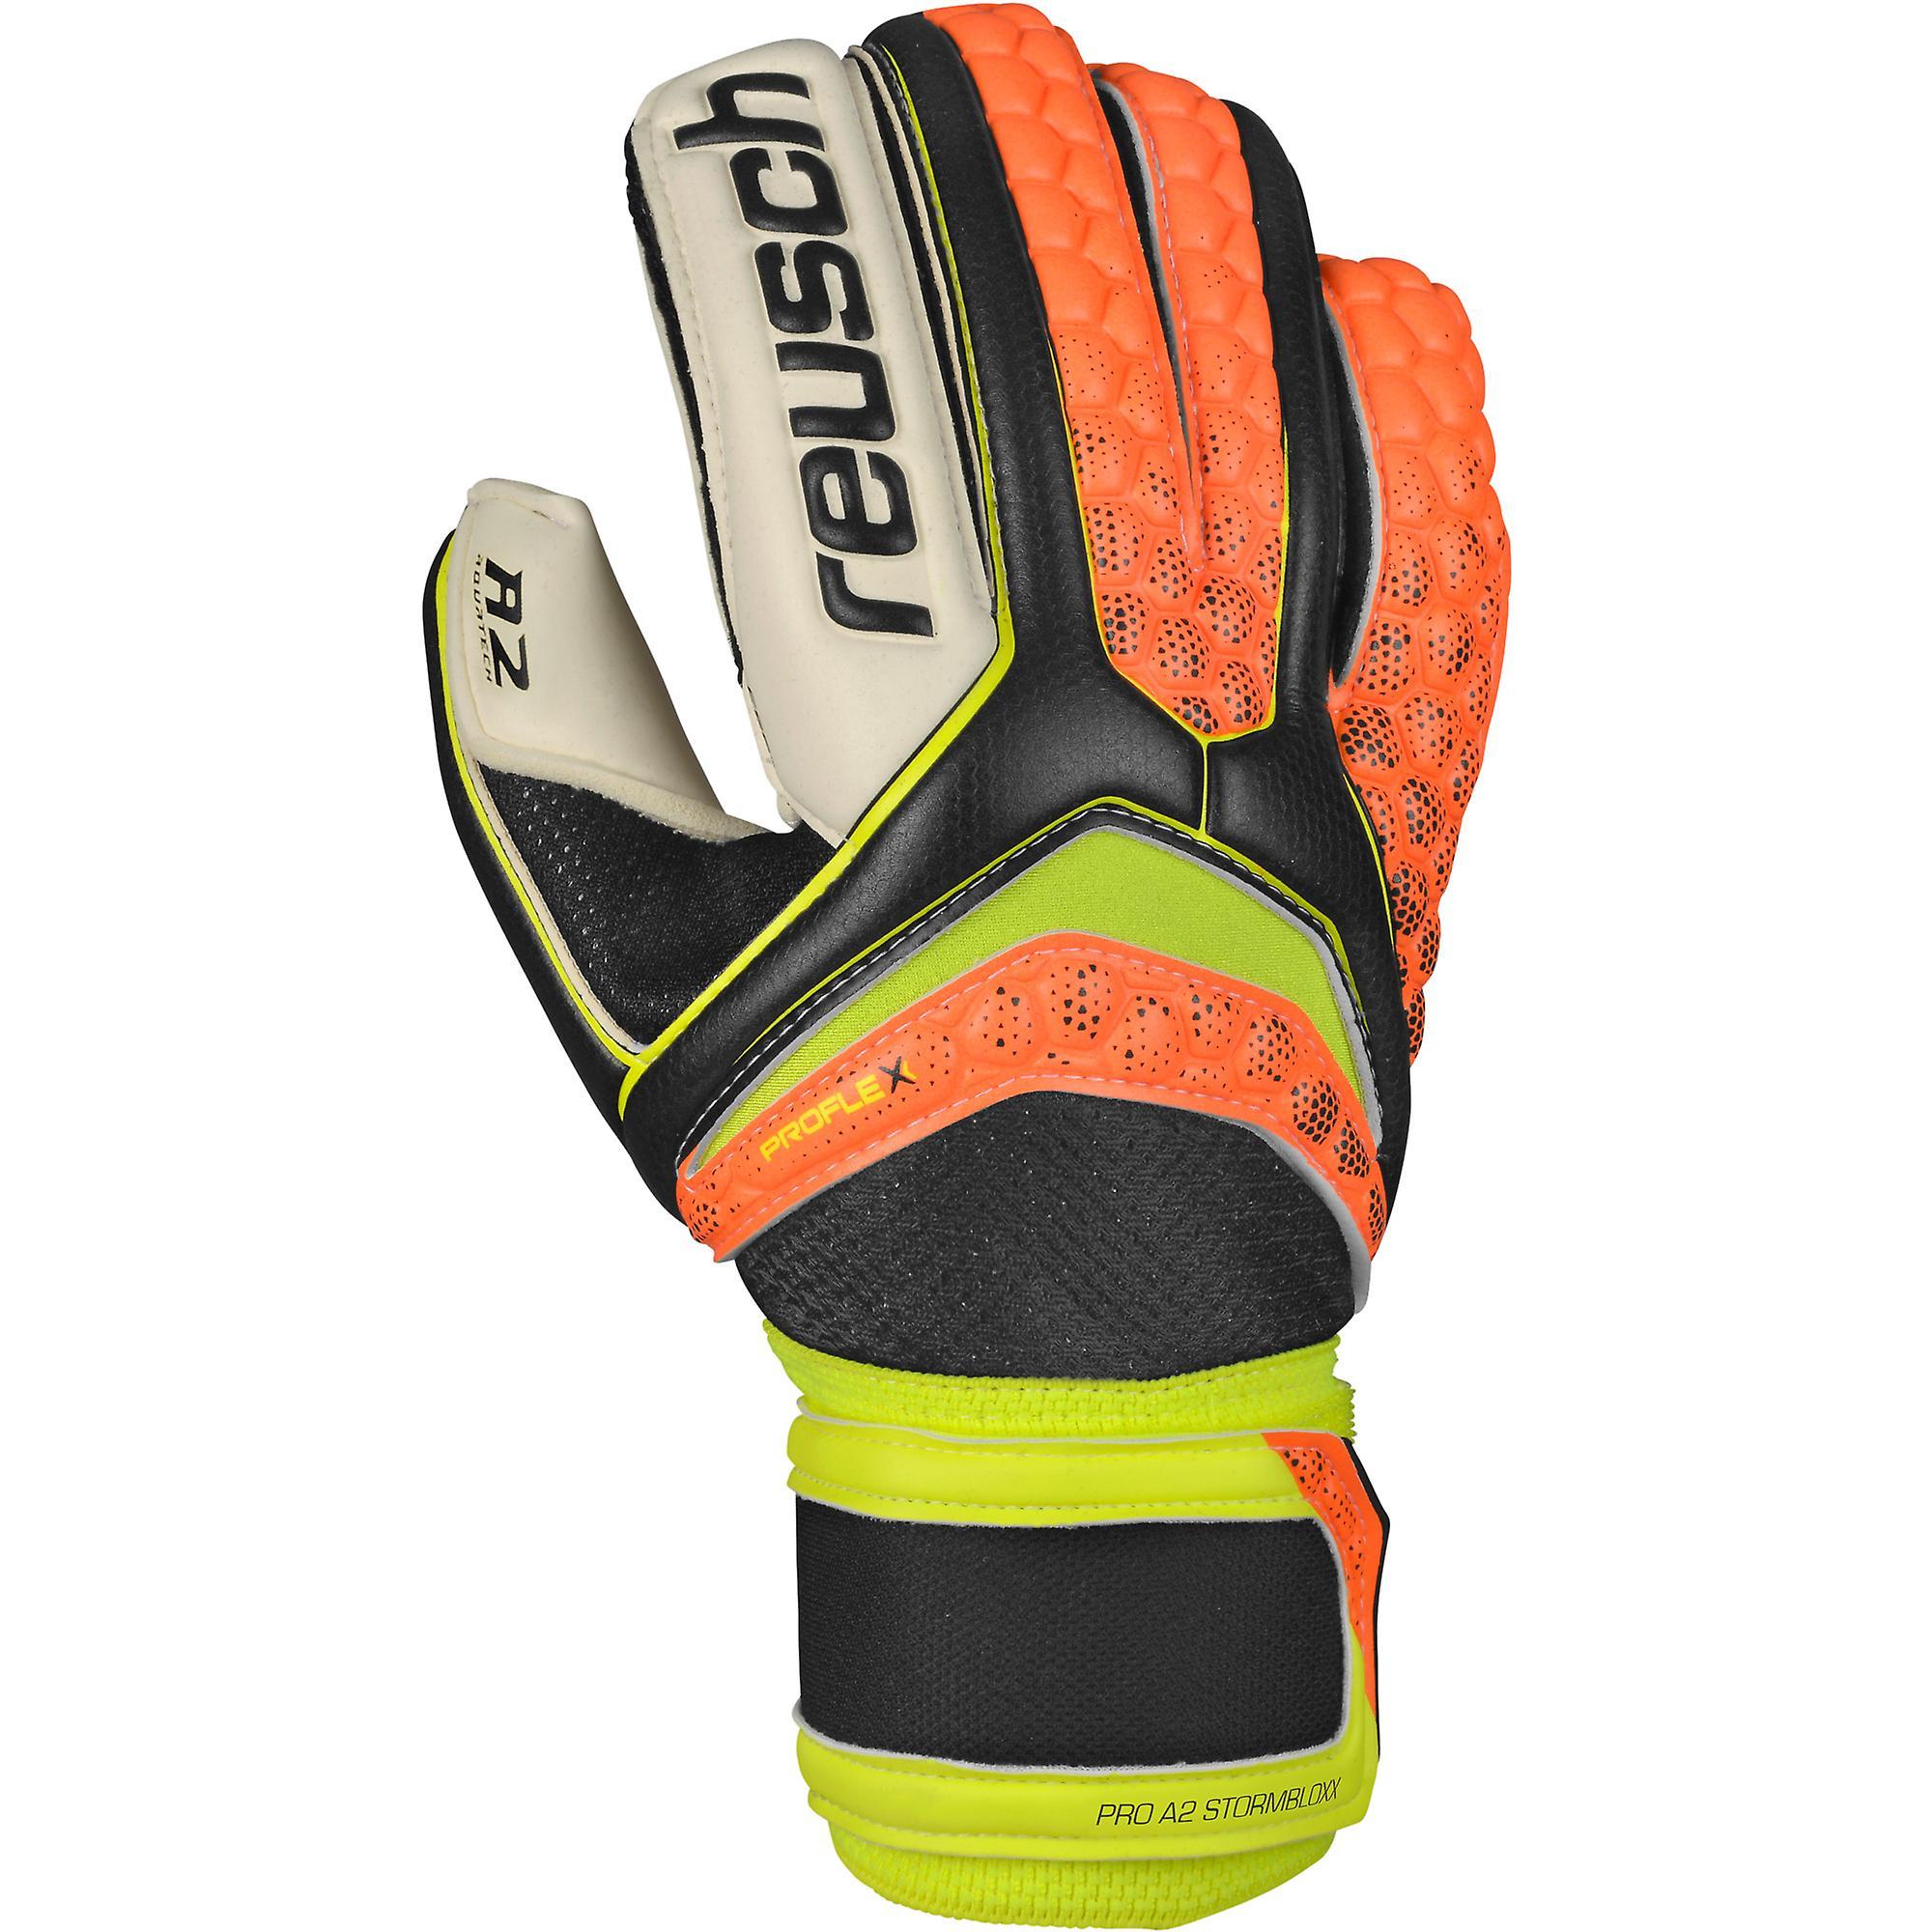 Reusch Re  impulsion A2 Pro Stormbloxx Pour des hommes gardien gants de gardien de but